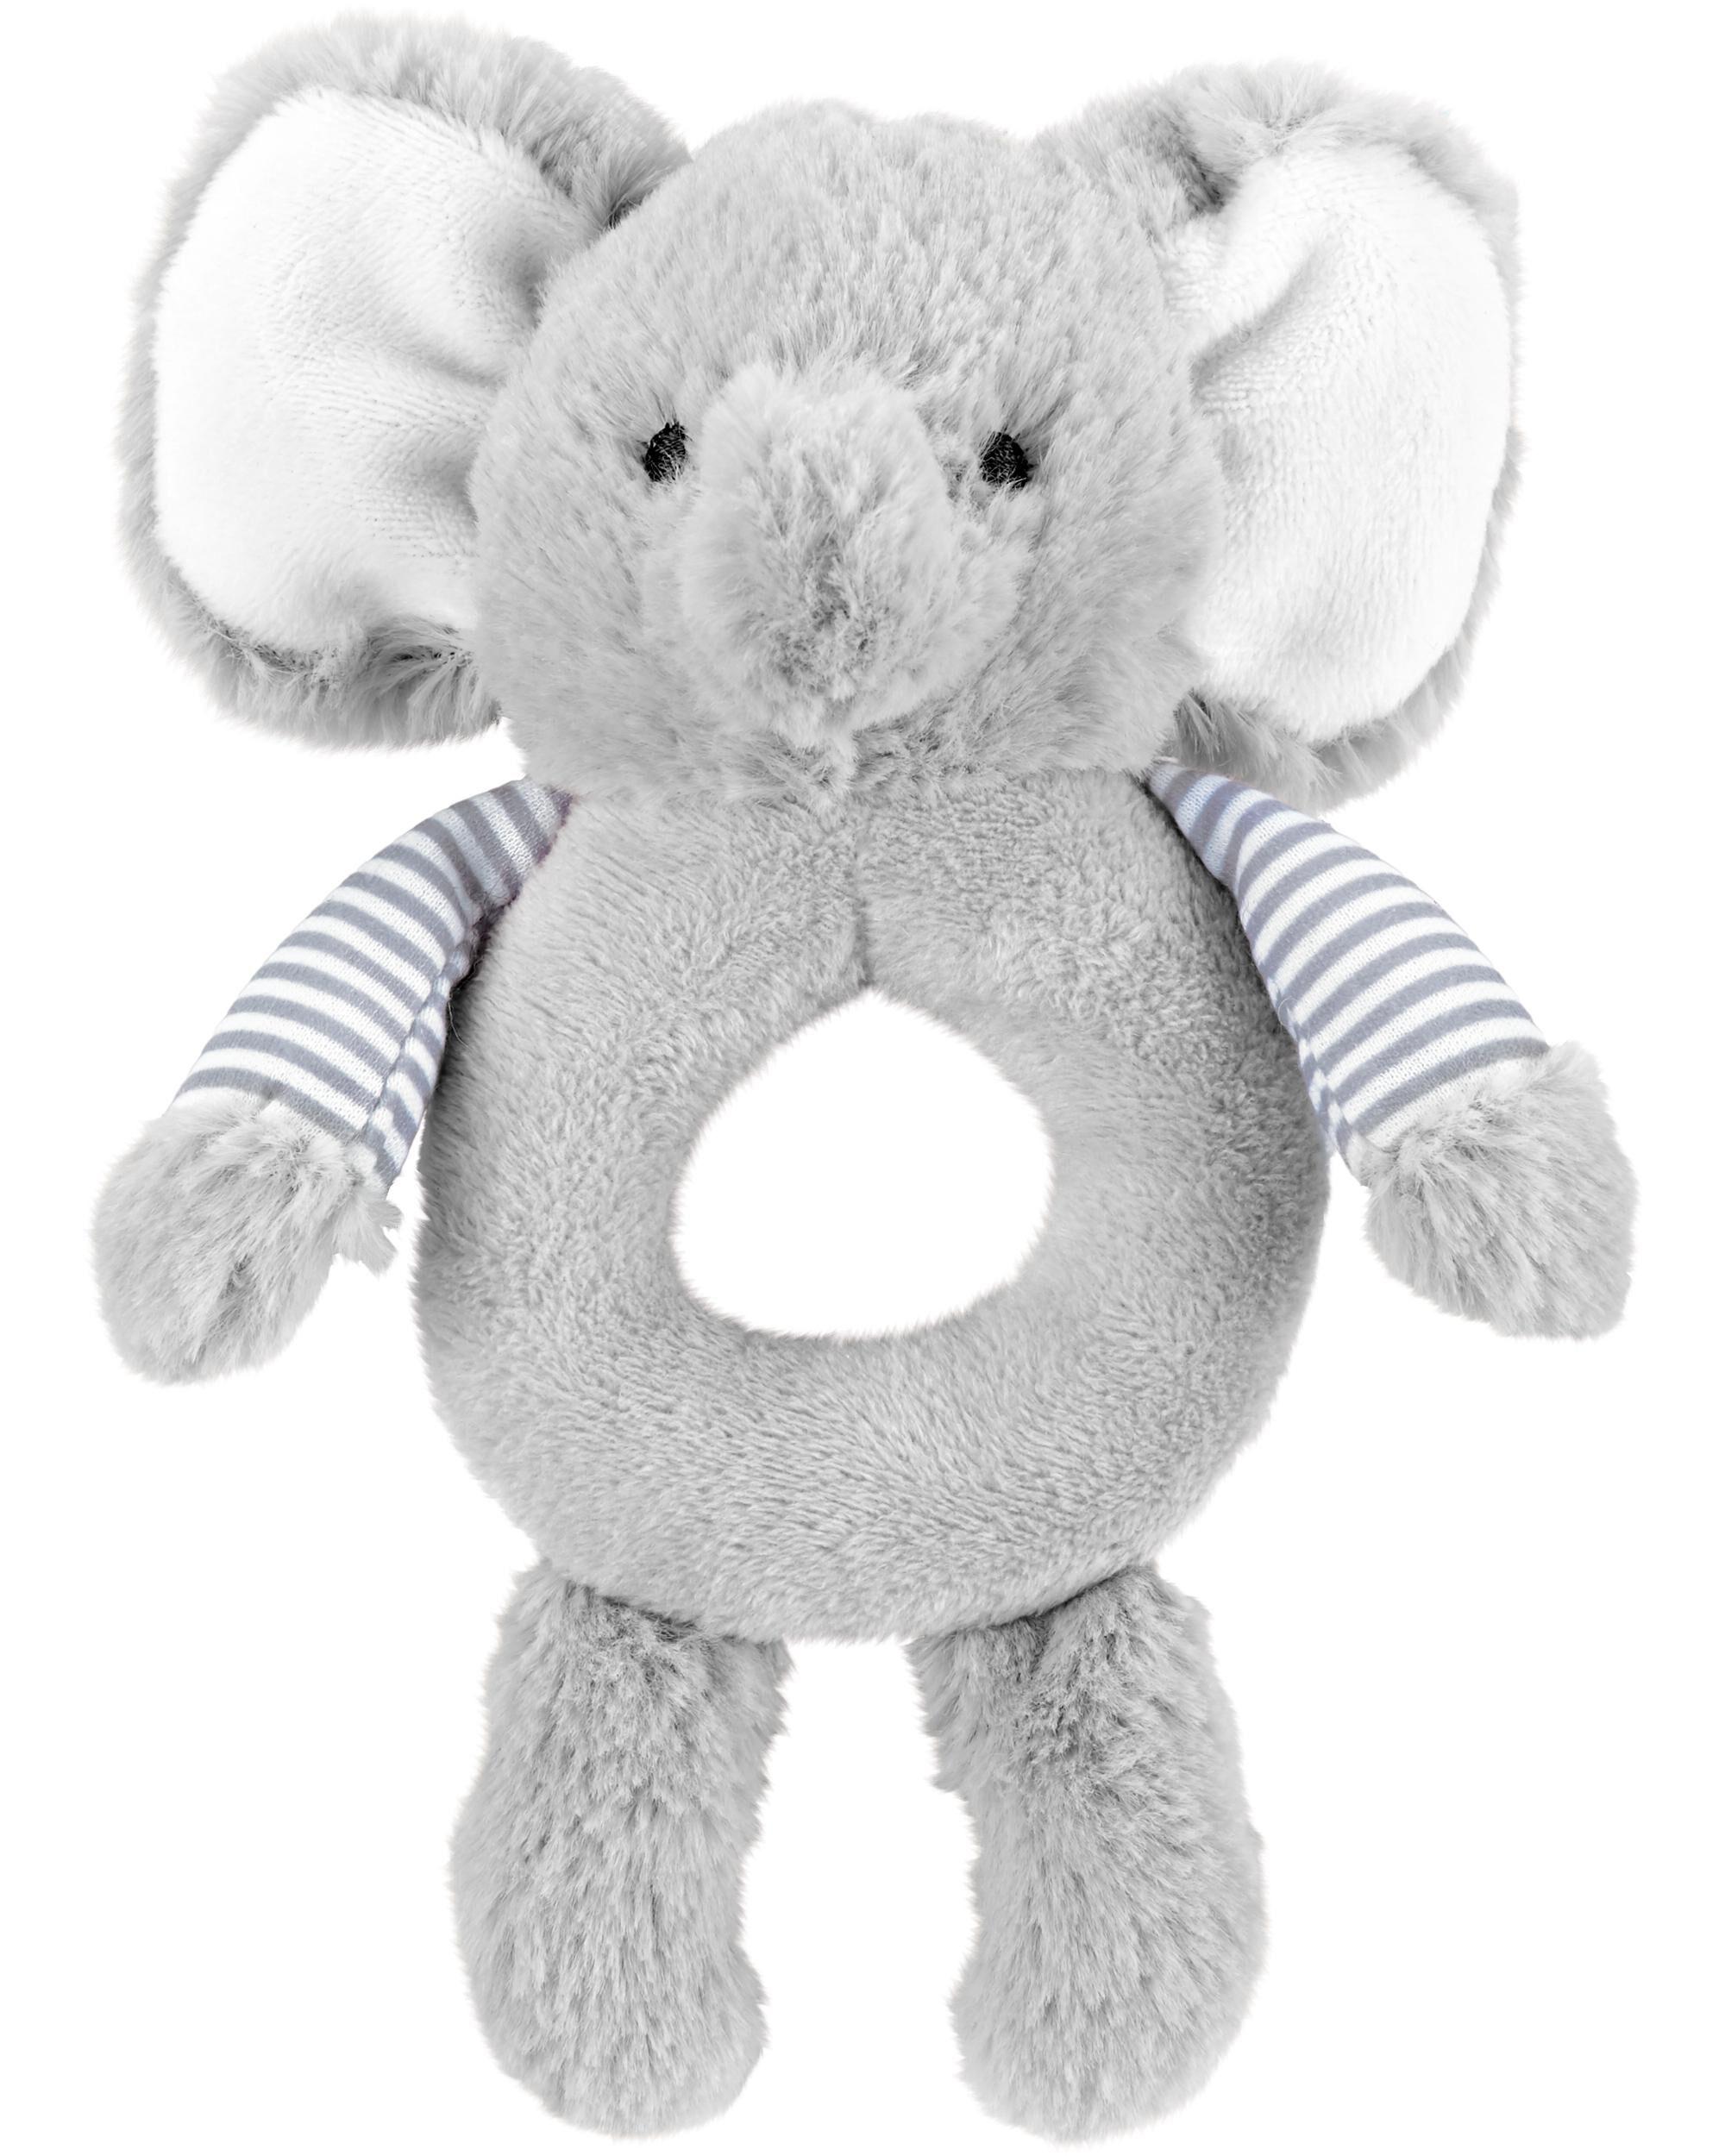 Oshkoshbgosh Elephant Ring Rattle